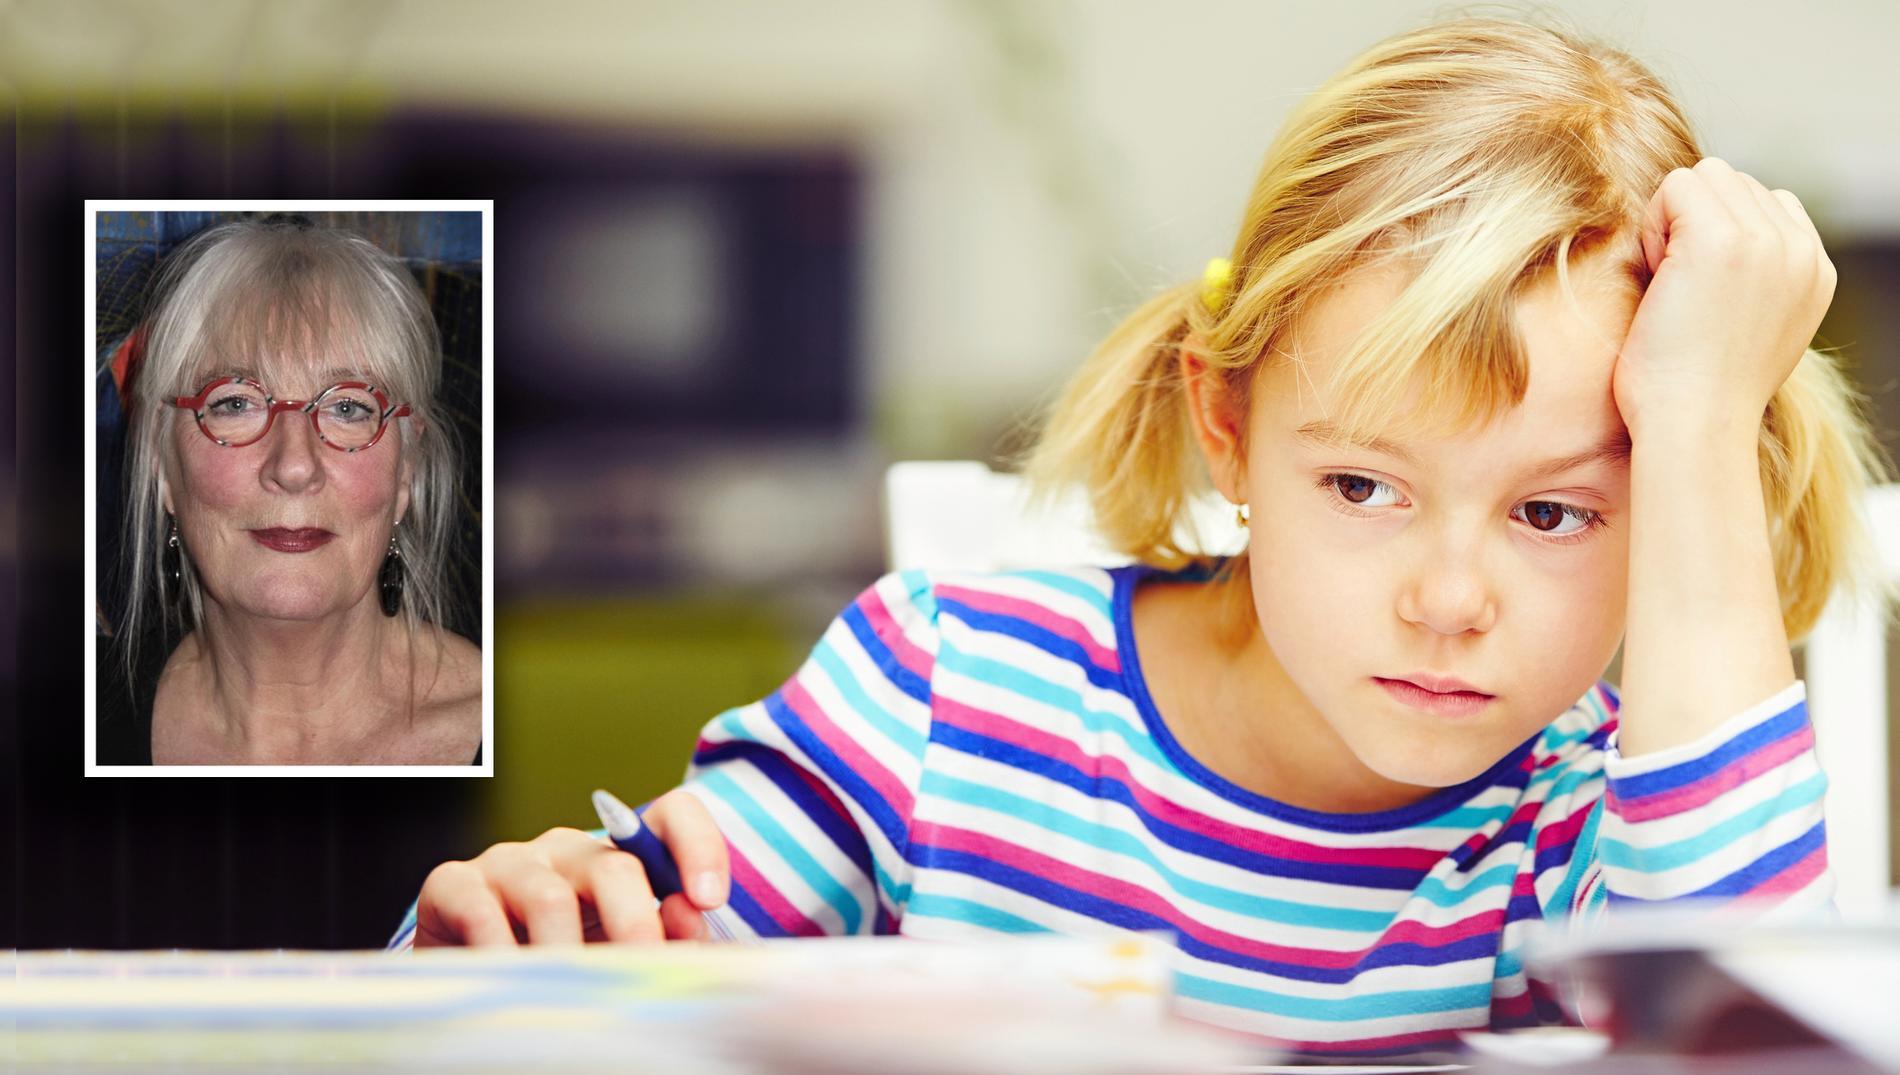 Kreativitet i skolan blir alltmer en bristvara, och de som straffas hårdast av detta är barnen, skriver dagens debattör.